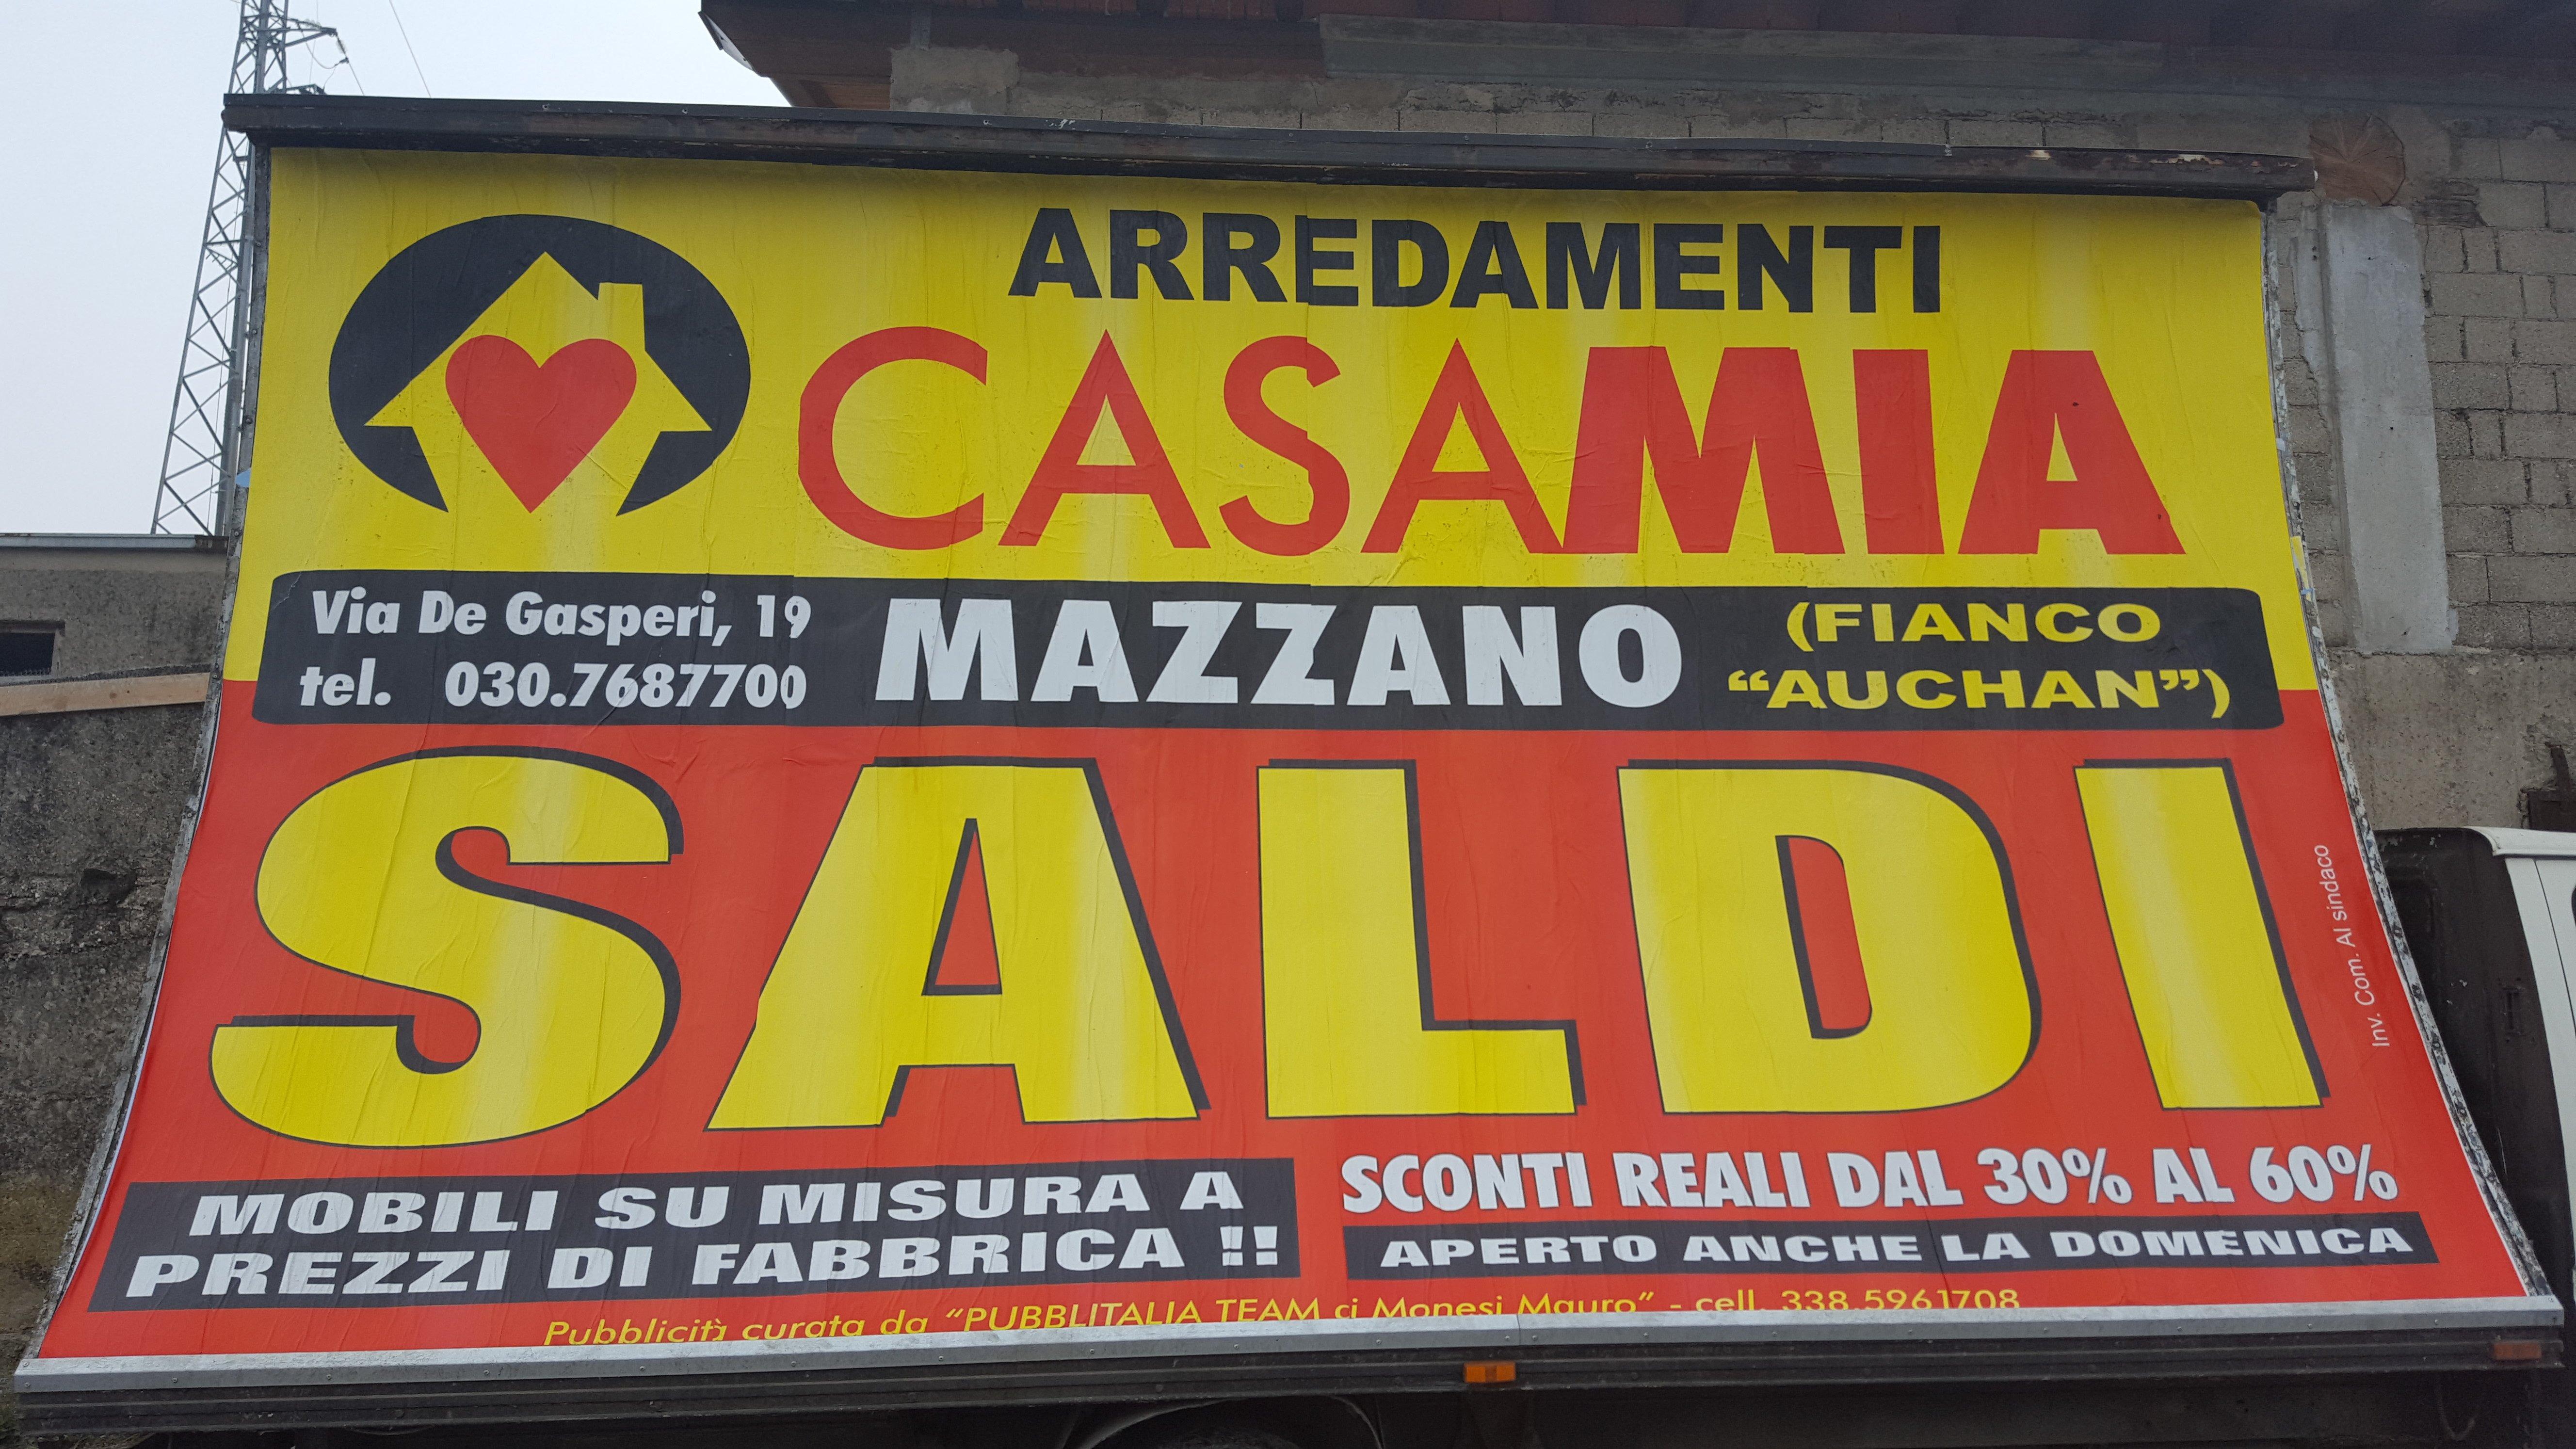 cartellone pubblicitario rosso e giallo